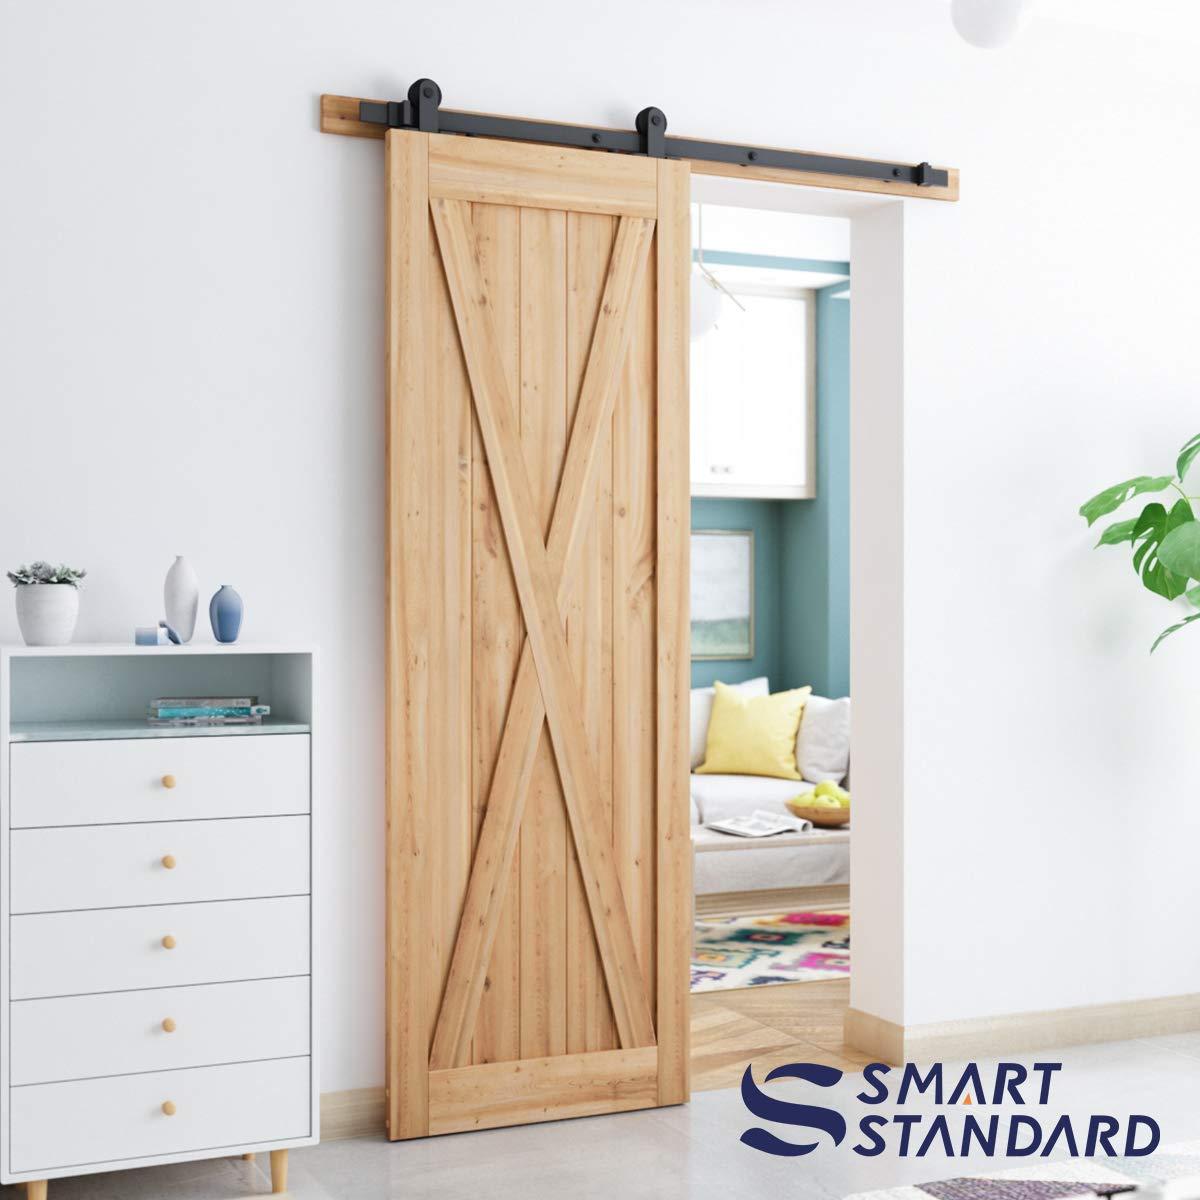 T Shape Hangers Black SMARTSTANDARD Sliding Barn Door Hardware Hangers 2pcs